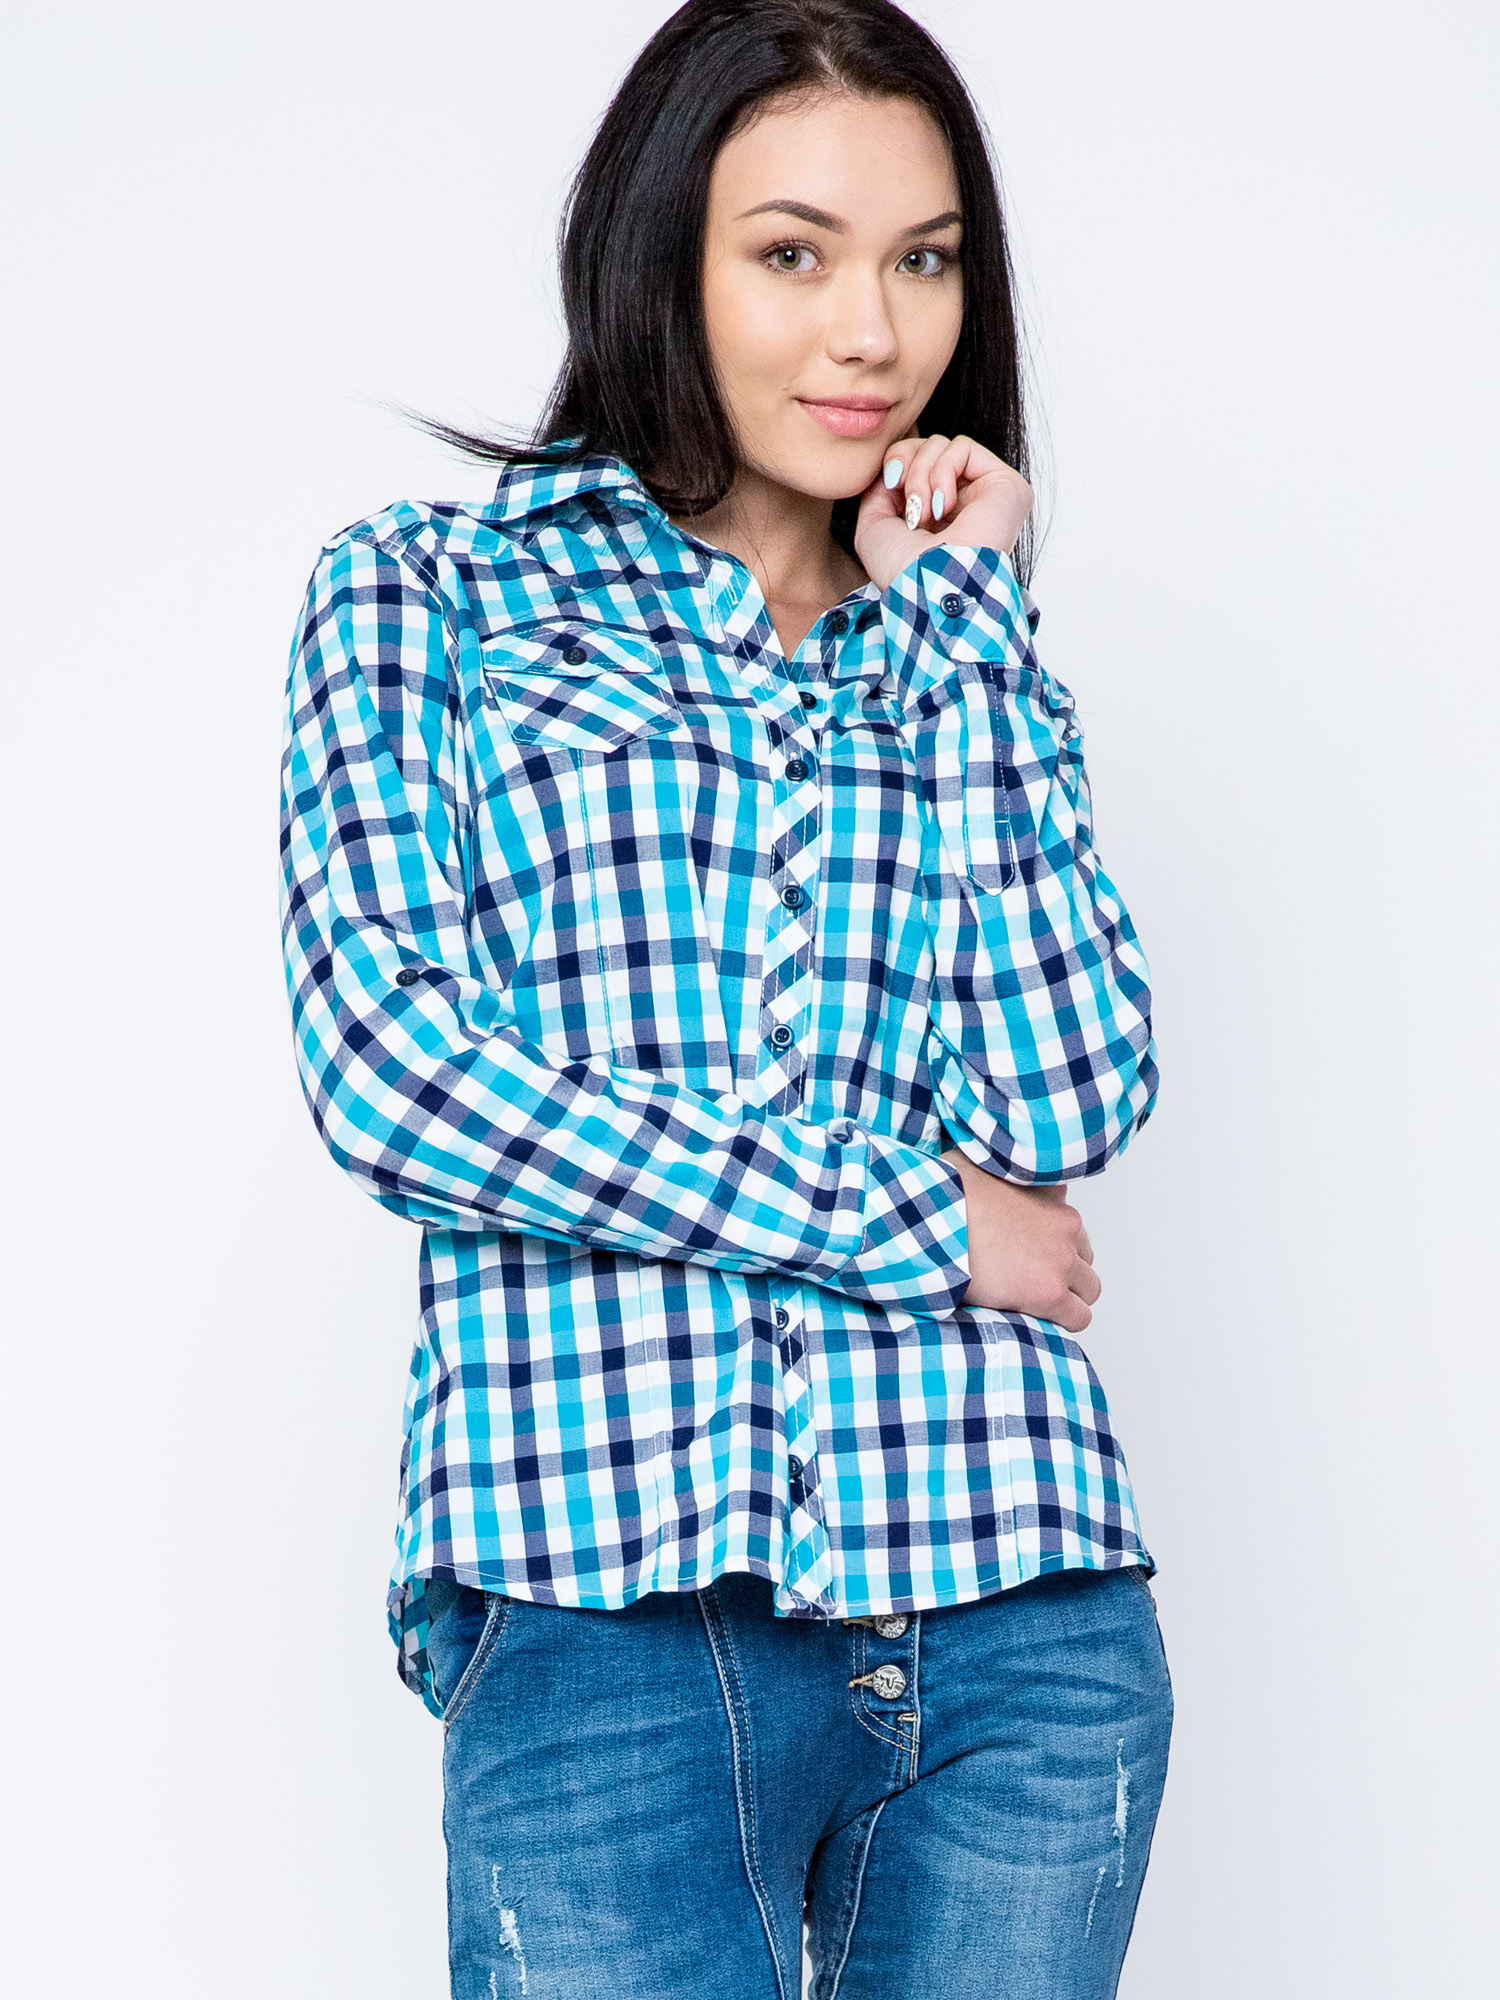 turkusowa koszula w kratke